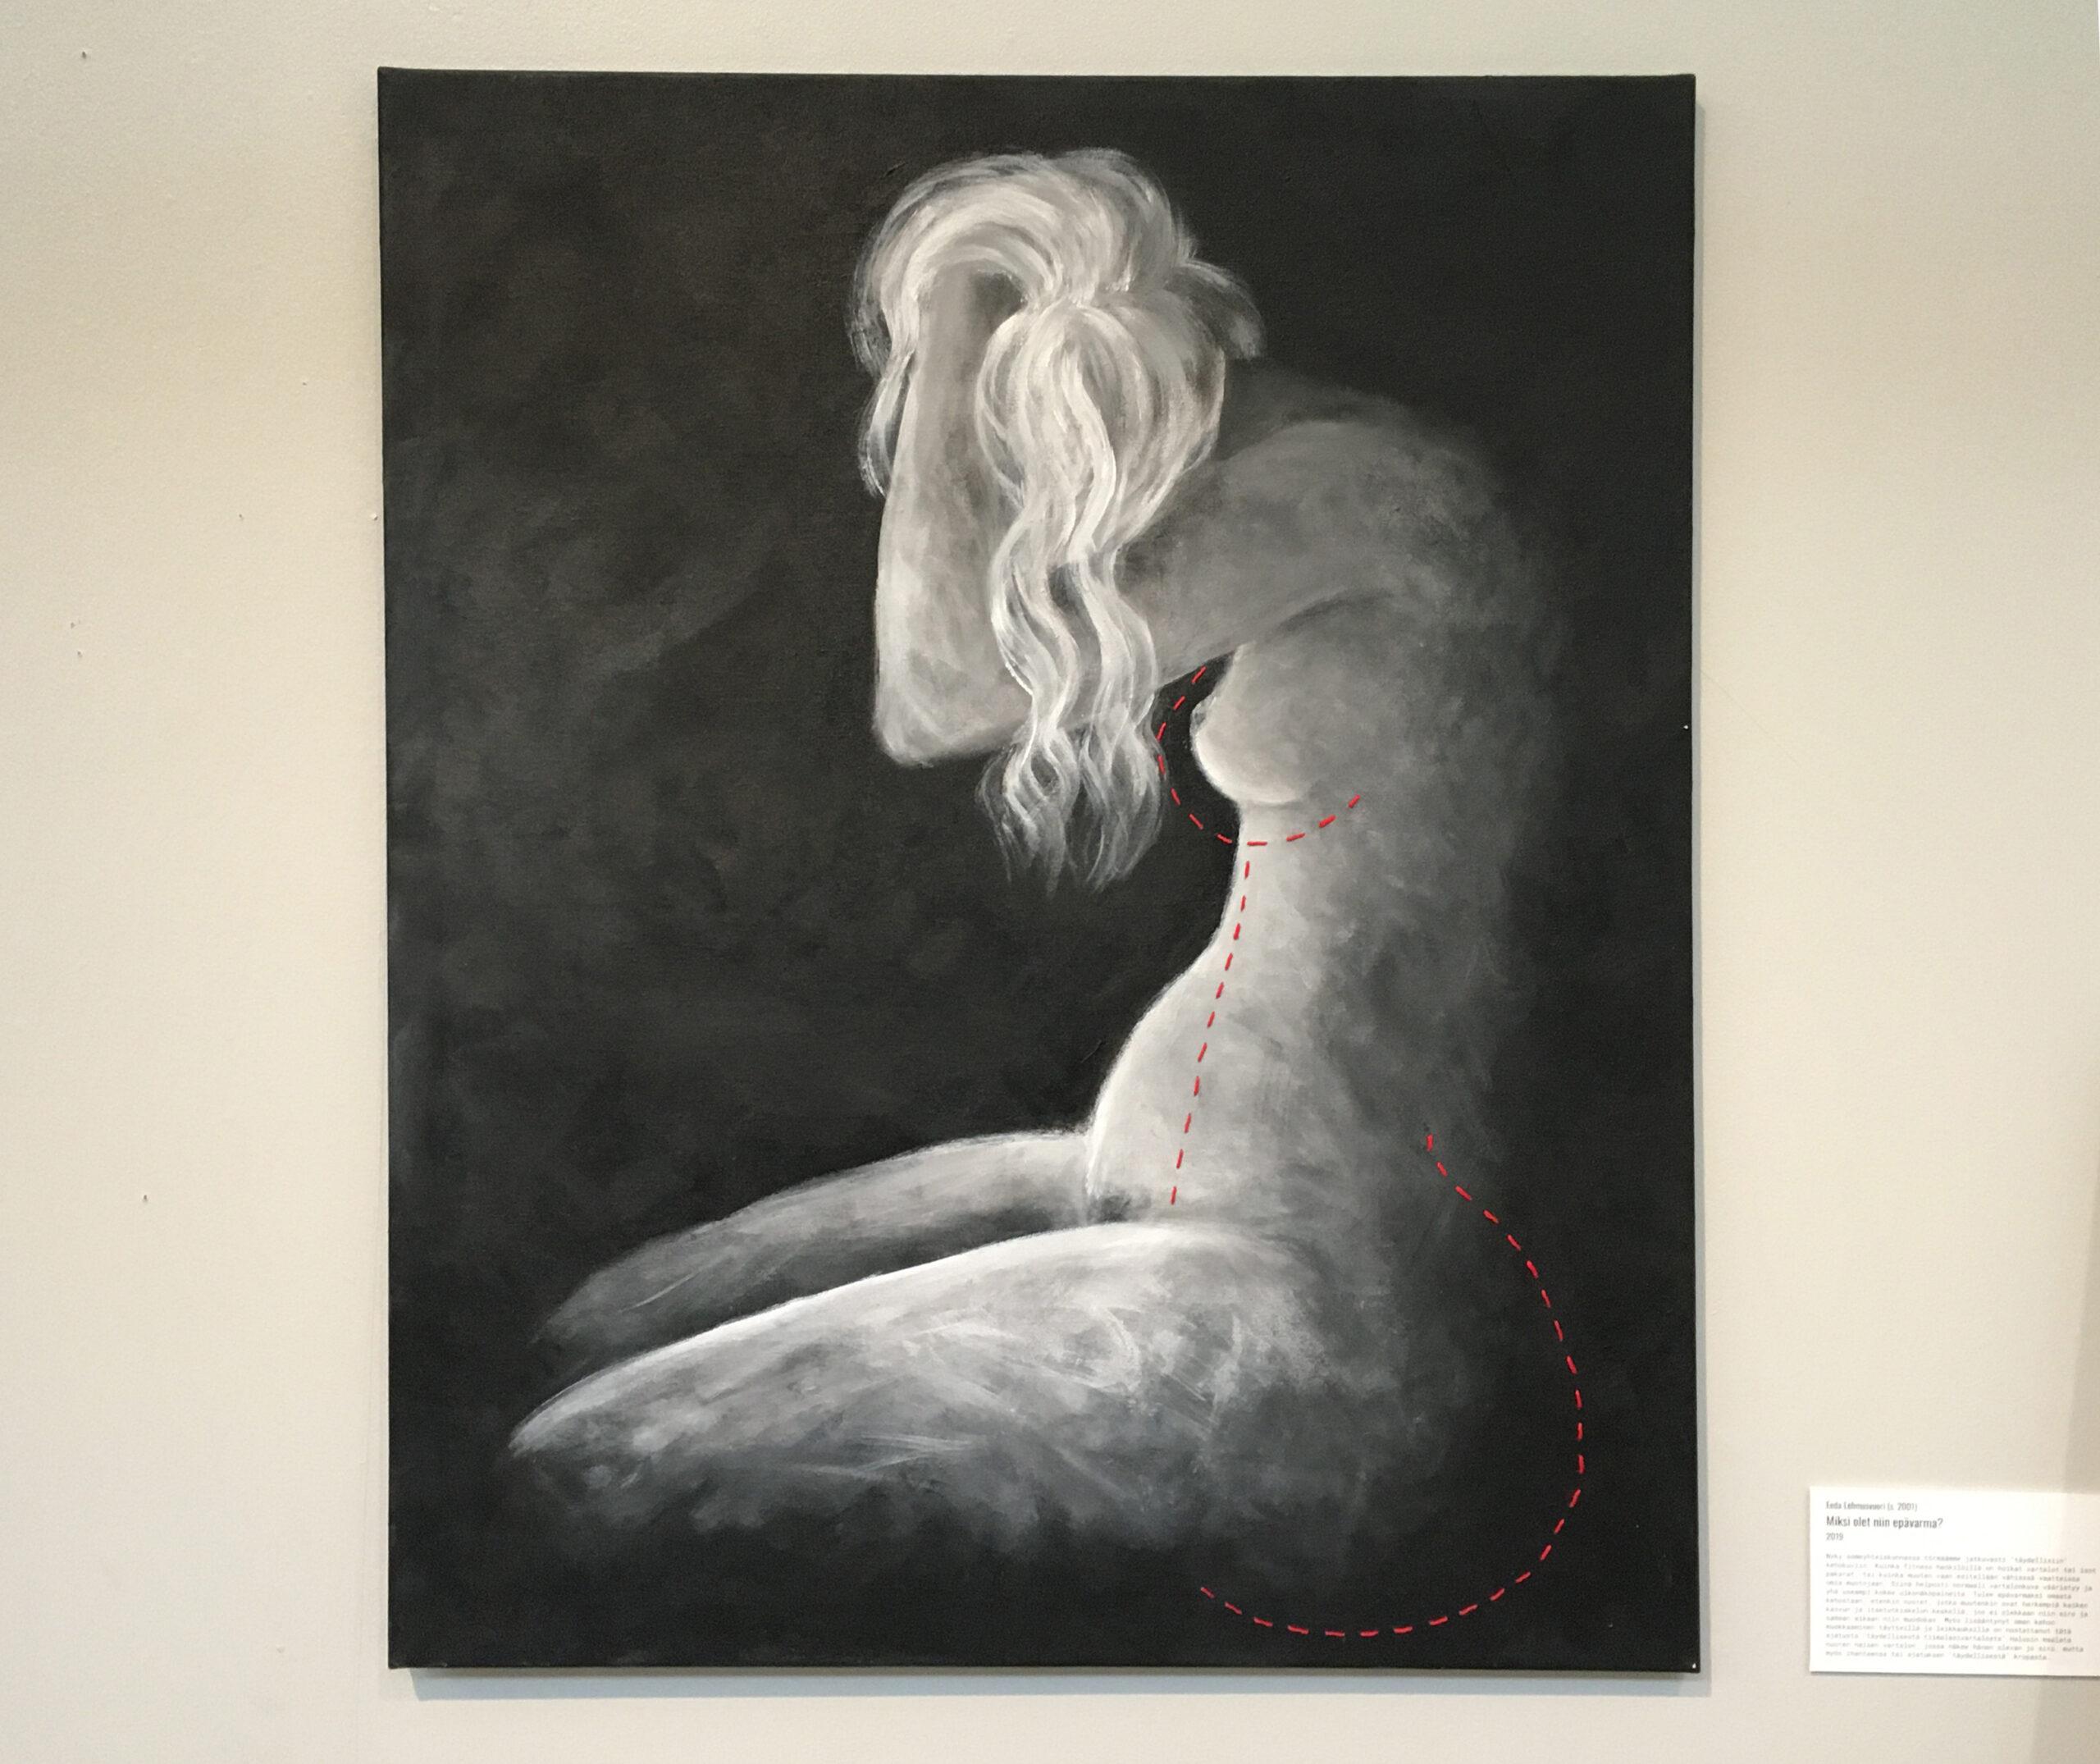 Valokuva teoksesta. Teoksessa naisoletettu henkilö sivulta kuvattuna polvillaan. Henkilö on alaston. Henkilöllä on pitkät hiukset, jotka osaltaan peittävät kasvot. Kasvoja peittää myös henkilön kädet, jotka on nostettu kasvojen eteen. Teos on maalaus, jossa tausta on musta ja henkilö maalattu valkoisen ja harmaan sävyillä. Maalaukseen henkilön vartalon yhteyteen on punaisilla ompeleilla tehty hoikempi vatsa, suurempi takapuoli ja rinnat.